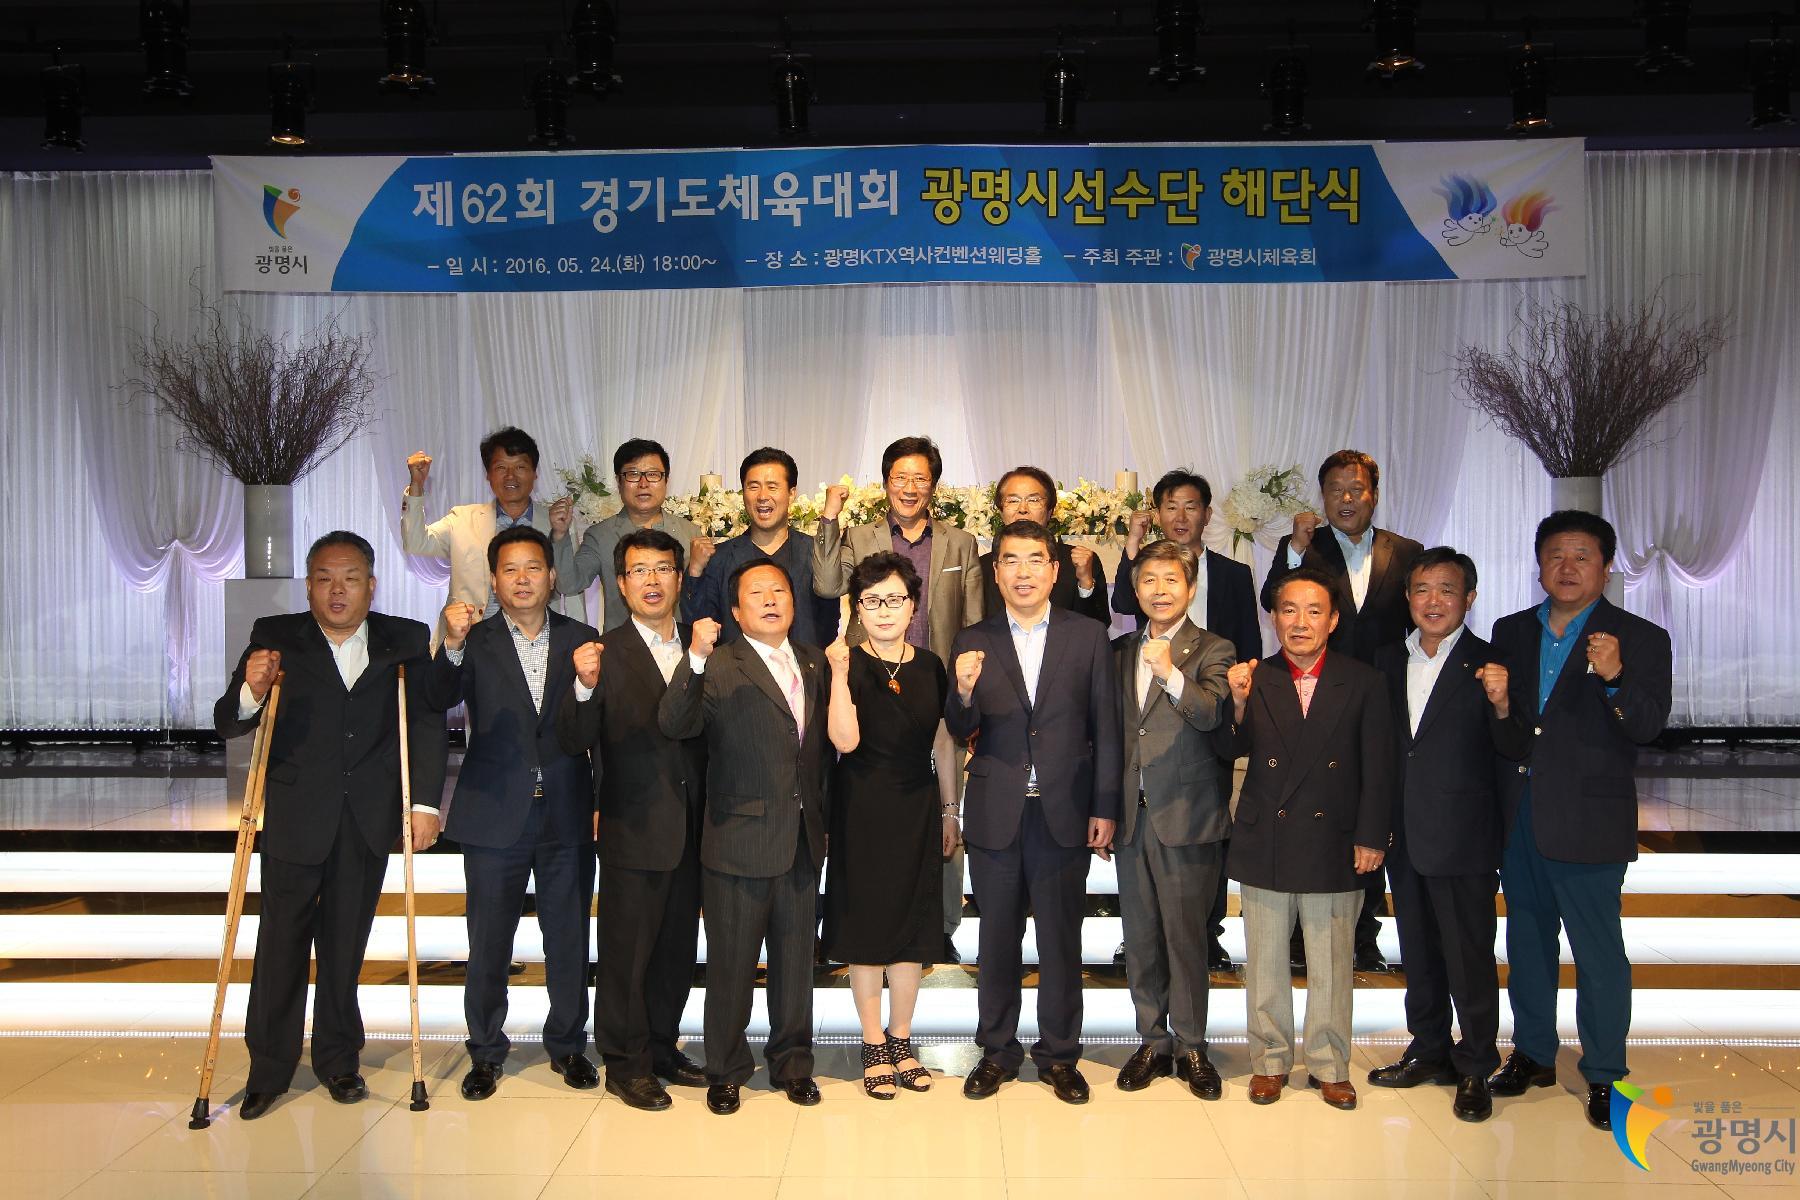 경기도체육대회 광명시선수단 해단식(KTX광명역사컨벤션-체육진흥)